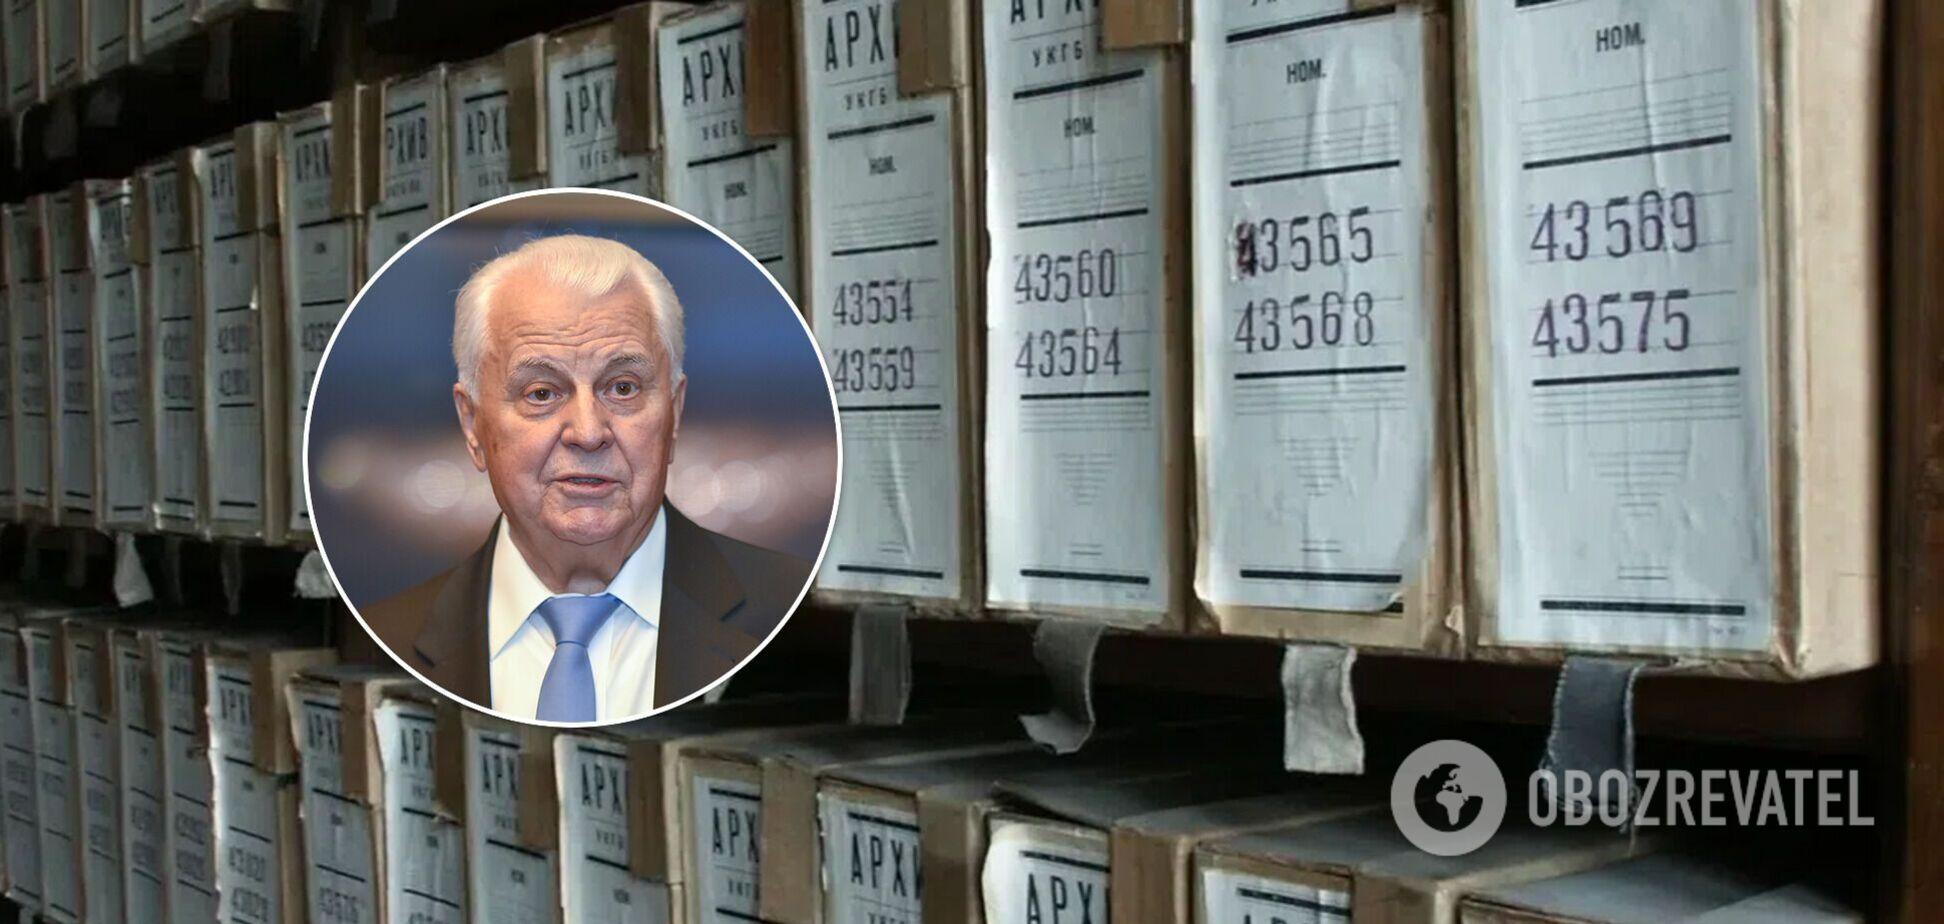 Кравчук пояснив, чому ще за його президенства не розсекретили архіви КДБ